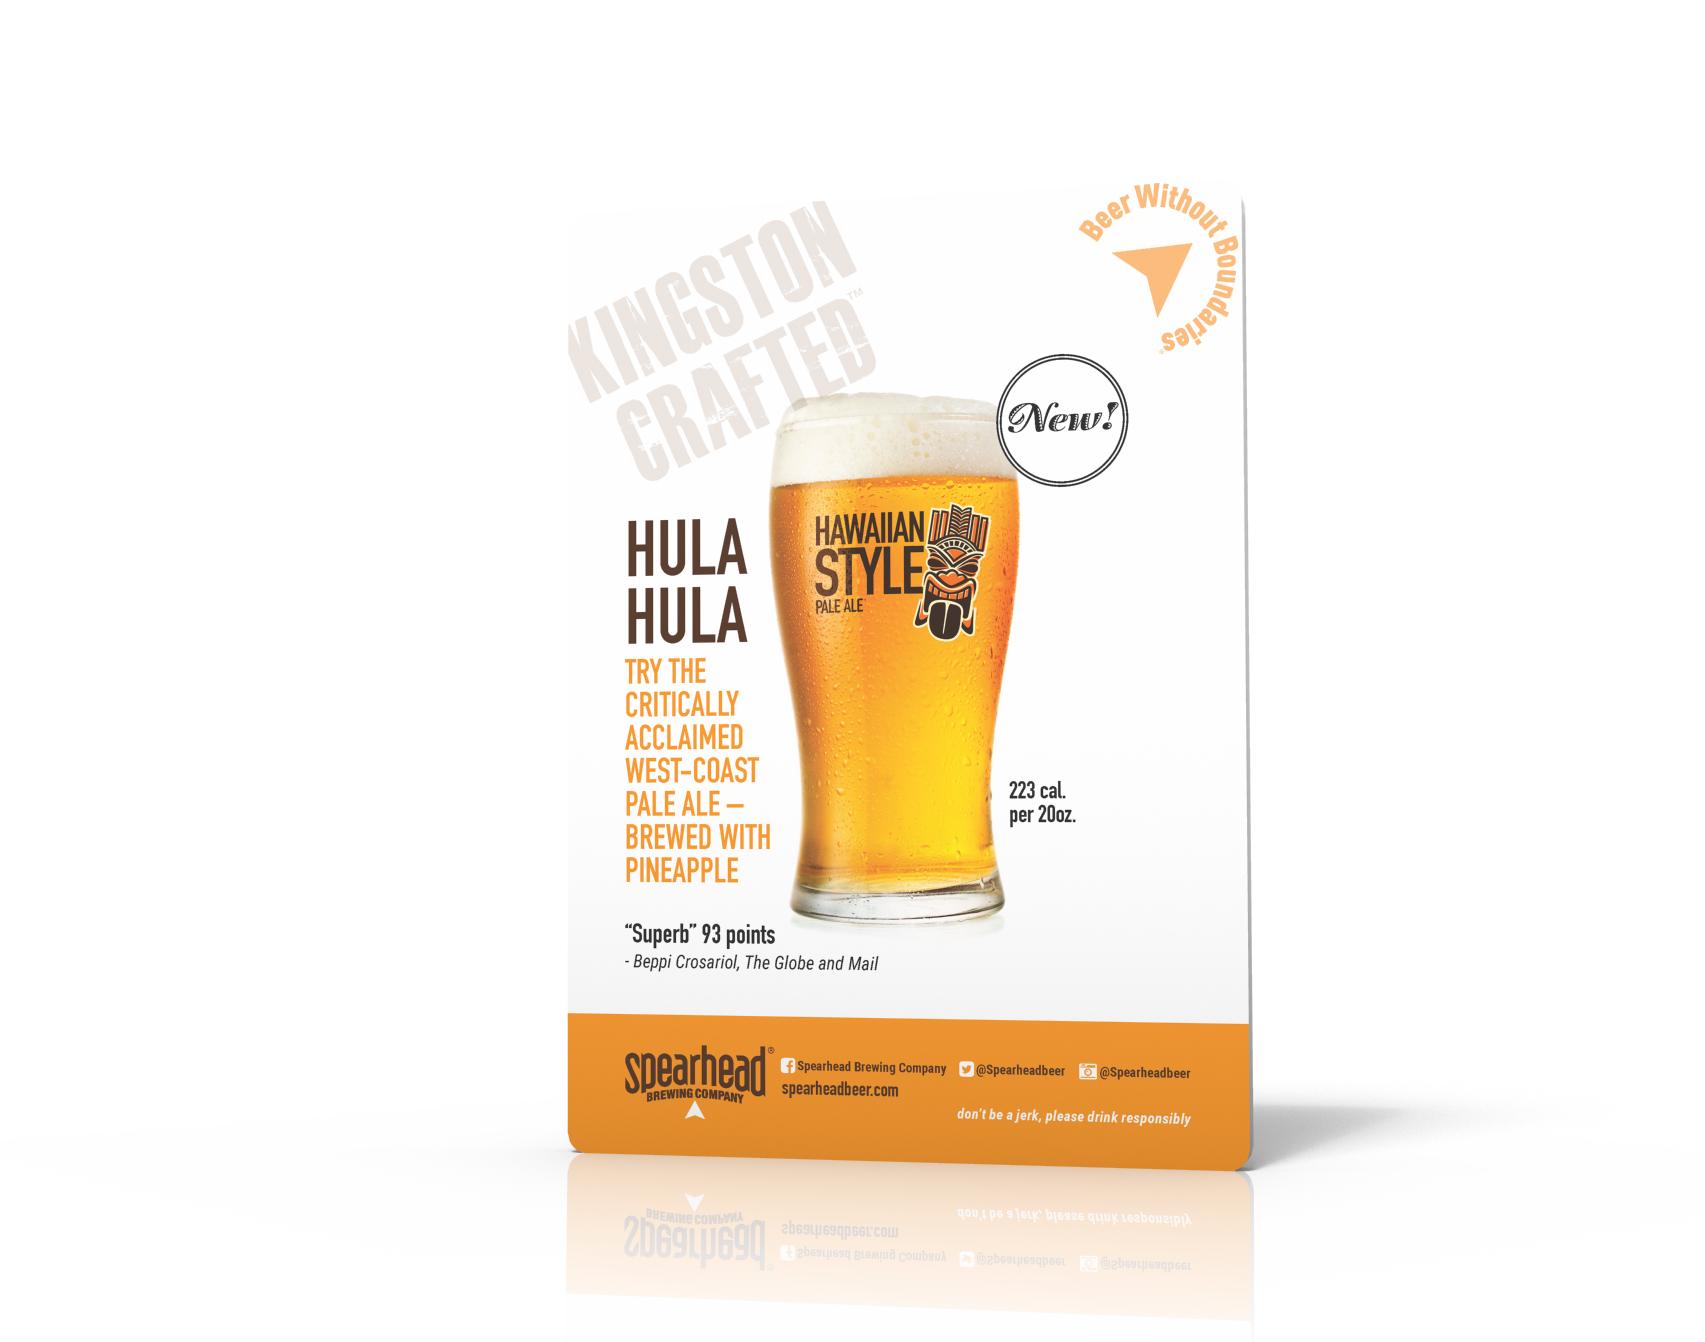 Hula Hula : Brewery Advertising